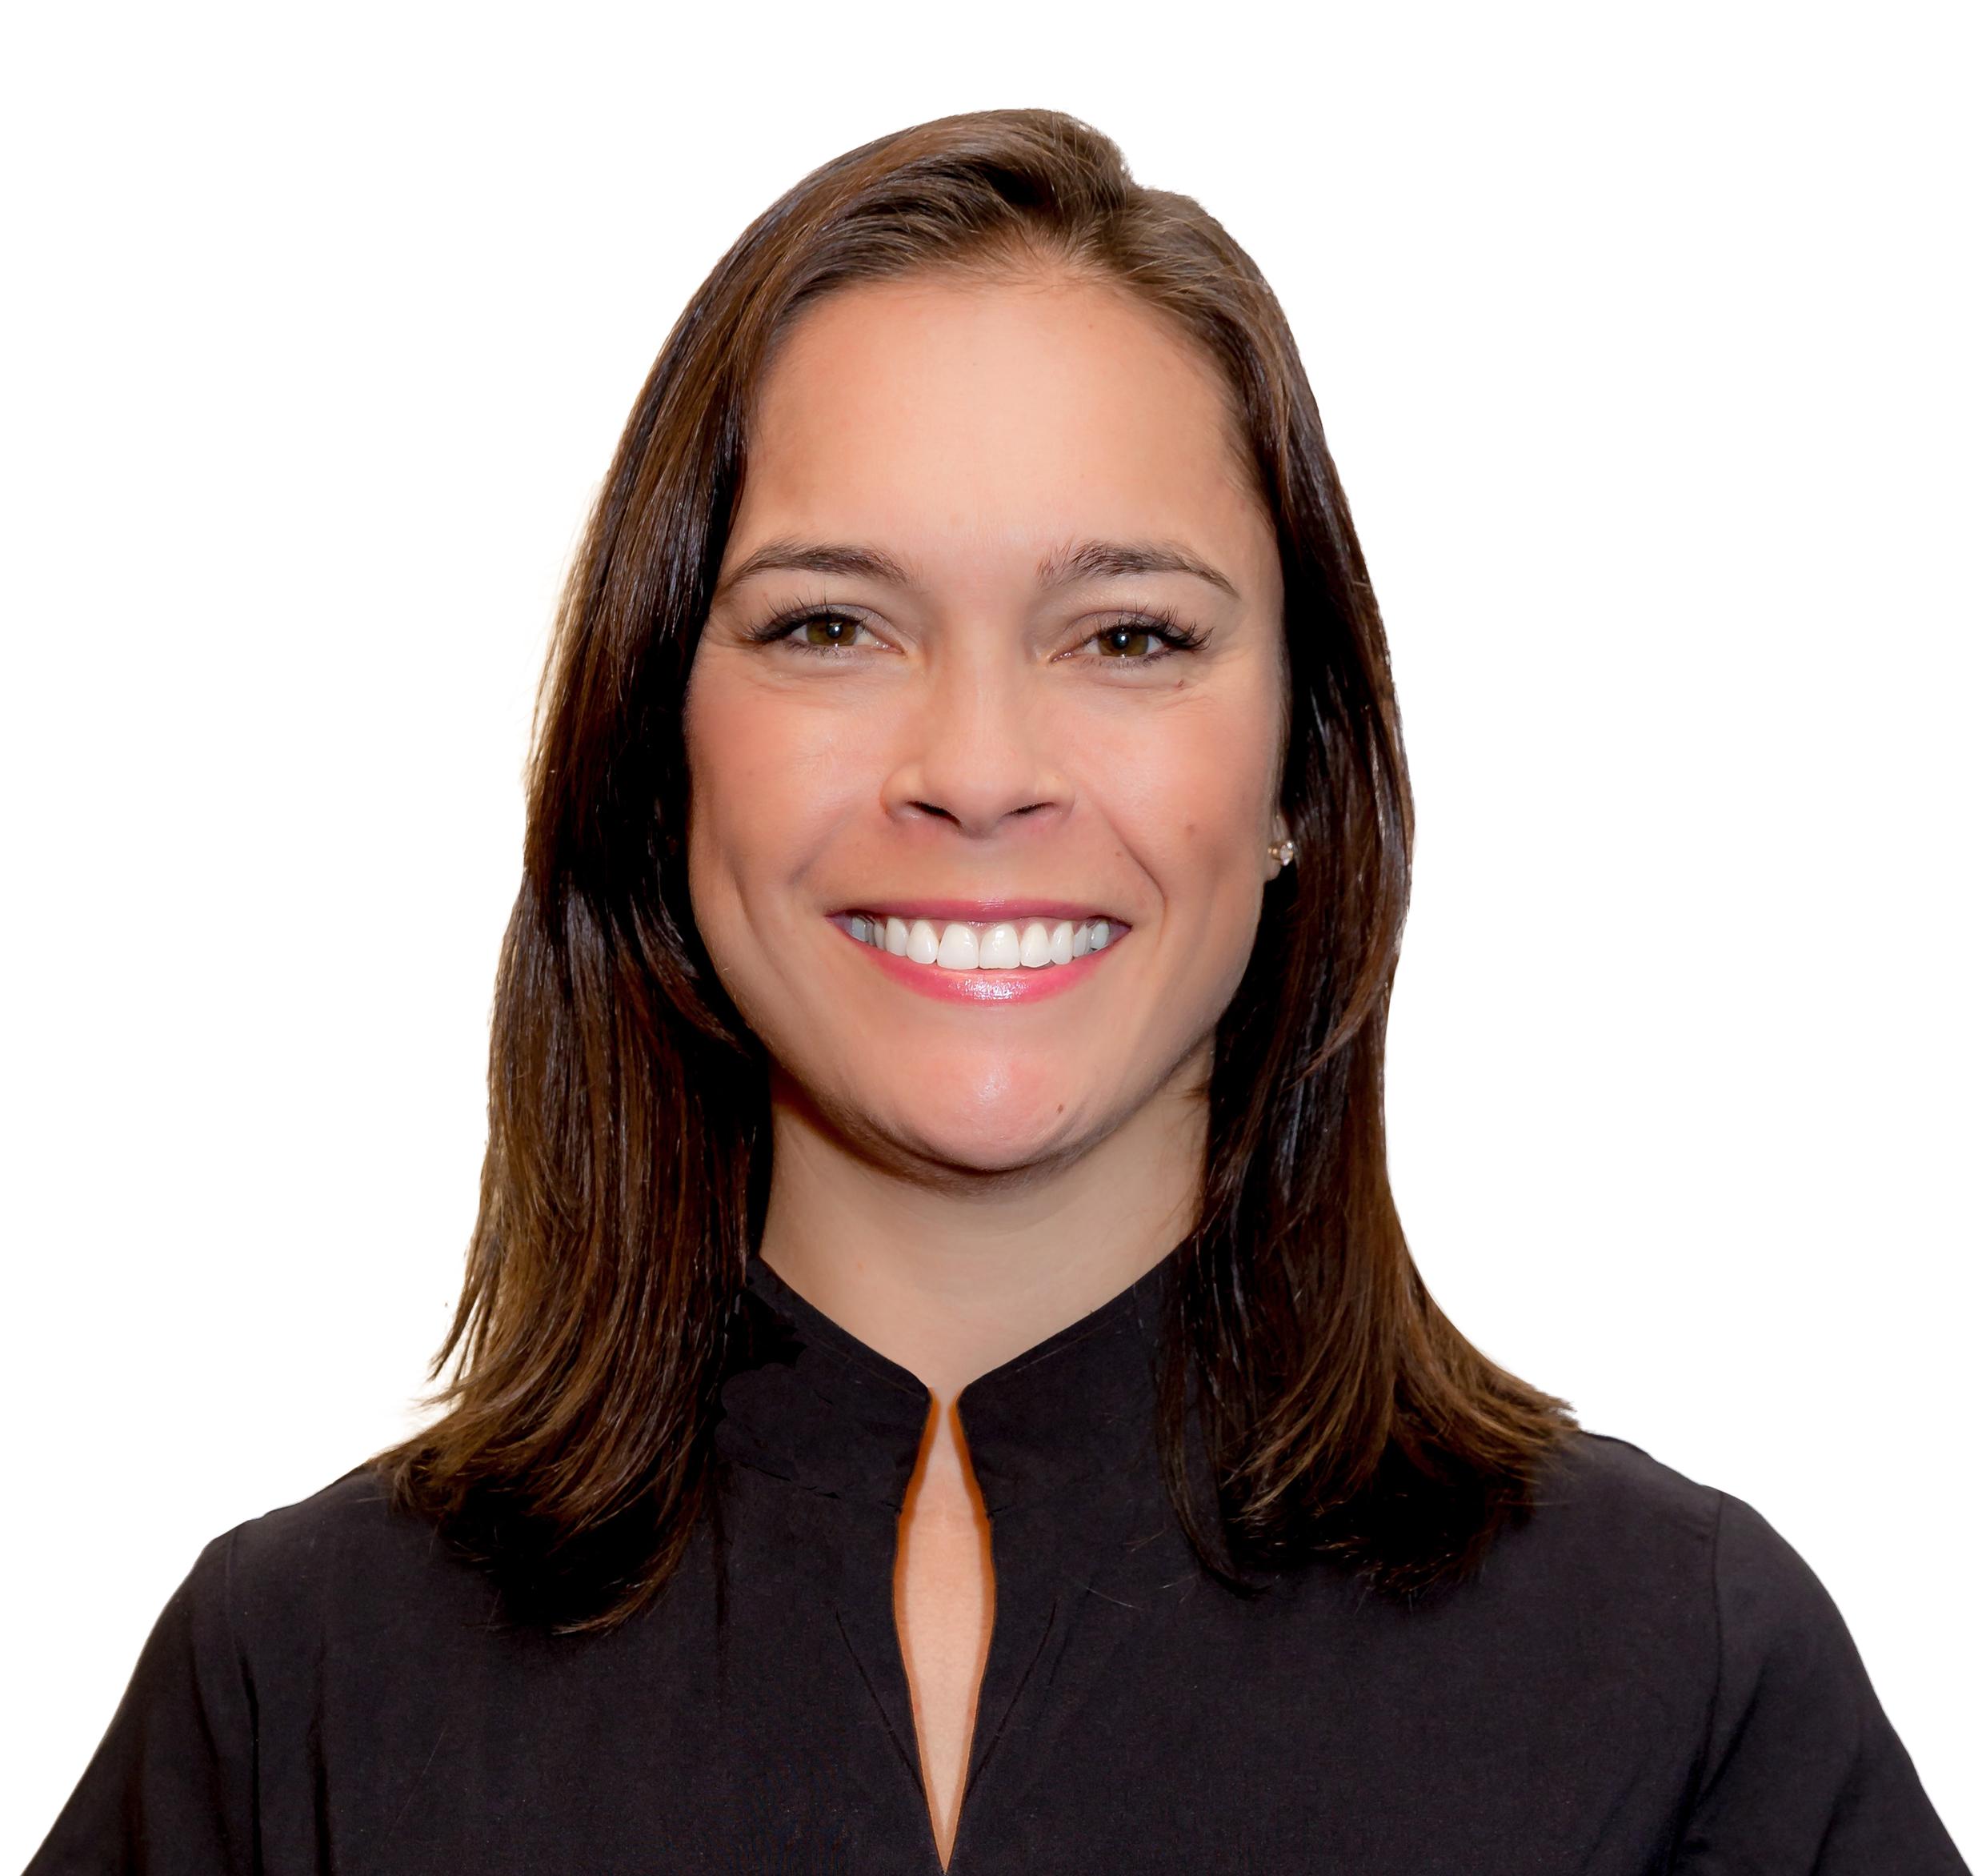 Sofia Andrews